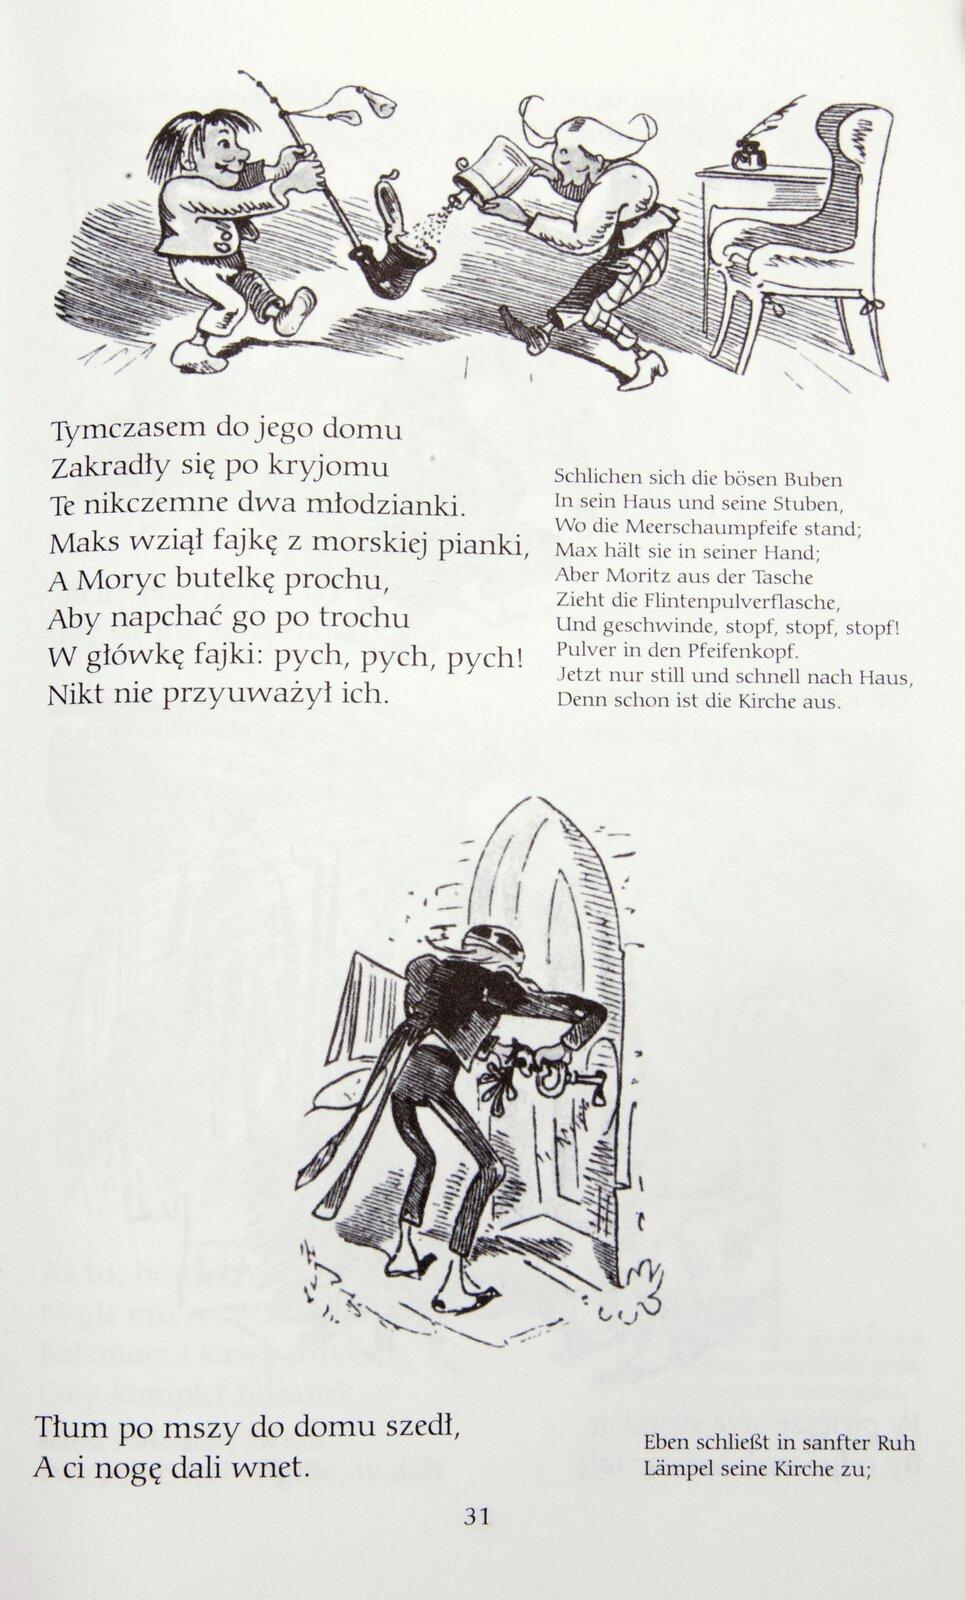 """Ilustracja przedstawia fragment historyjki obrazkowej Wilhelma Buscha """"Maks iMoryc"""". Ukazuje dwie ilustracje usytuowane jedna pod drugą, między którymi znajduje się tekst. Na pierwszej dwaj chłopcy ukazani są zprofilu. Dziecko zlewej trzyma wrękach długą fajkę, podczas gdy dziecko zprawej wsypuje do niej proch. Zich prawej strony znajdują się fotel oraz stół, na którym stoi kałamarz zpiórem. Na drugiej ilustracji znajduje się mężczyzna ukazany od tyłu, starający się otworzyć drzwi za pomocą klucza. Pod ilustracją umieszczony jest tekst."""